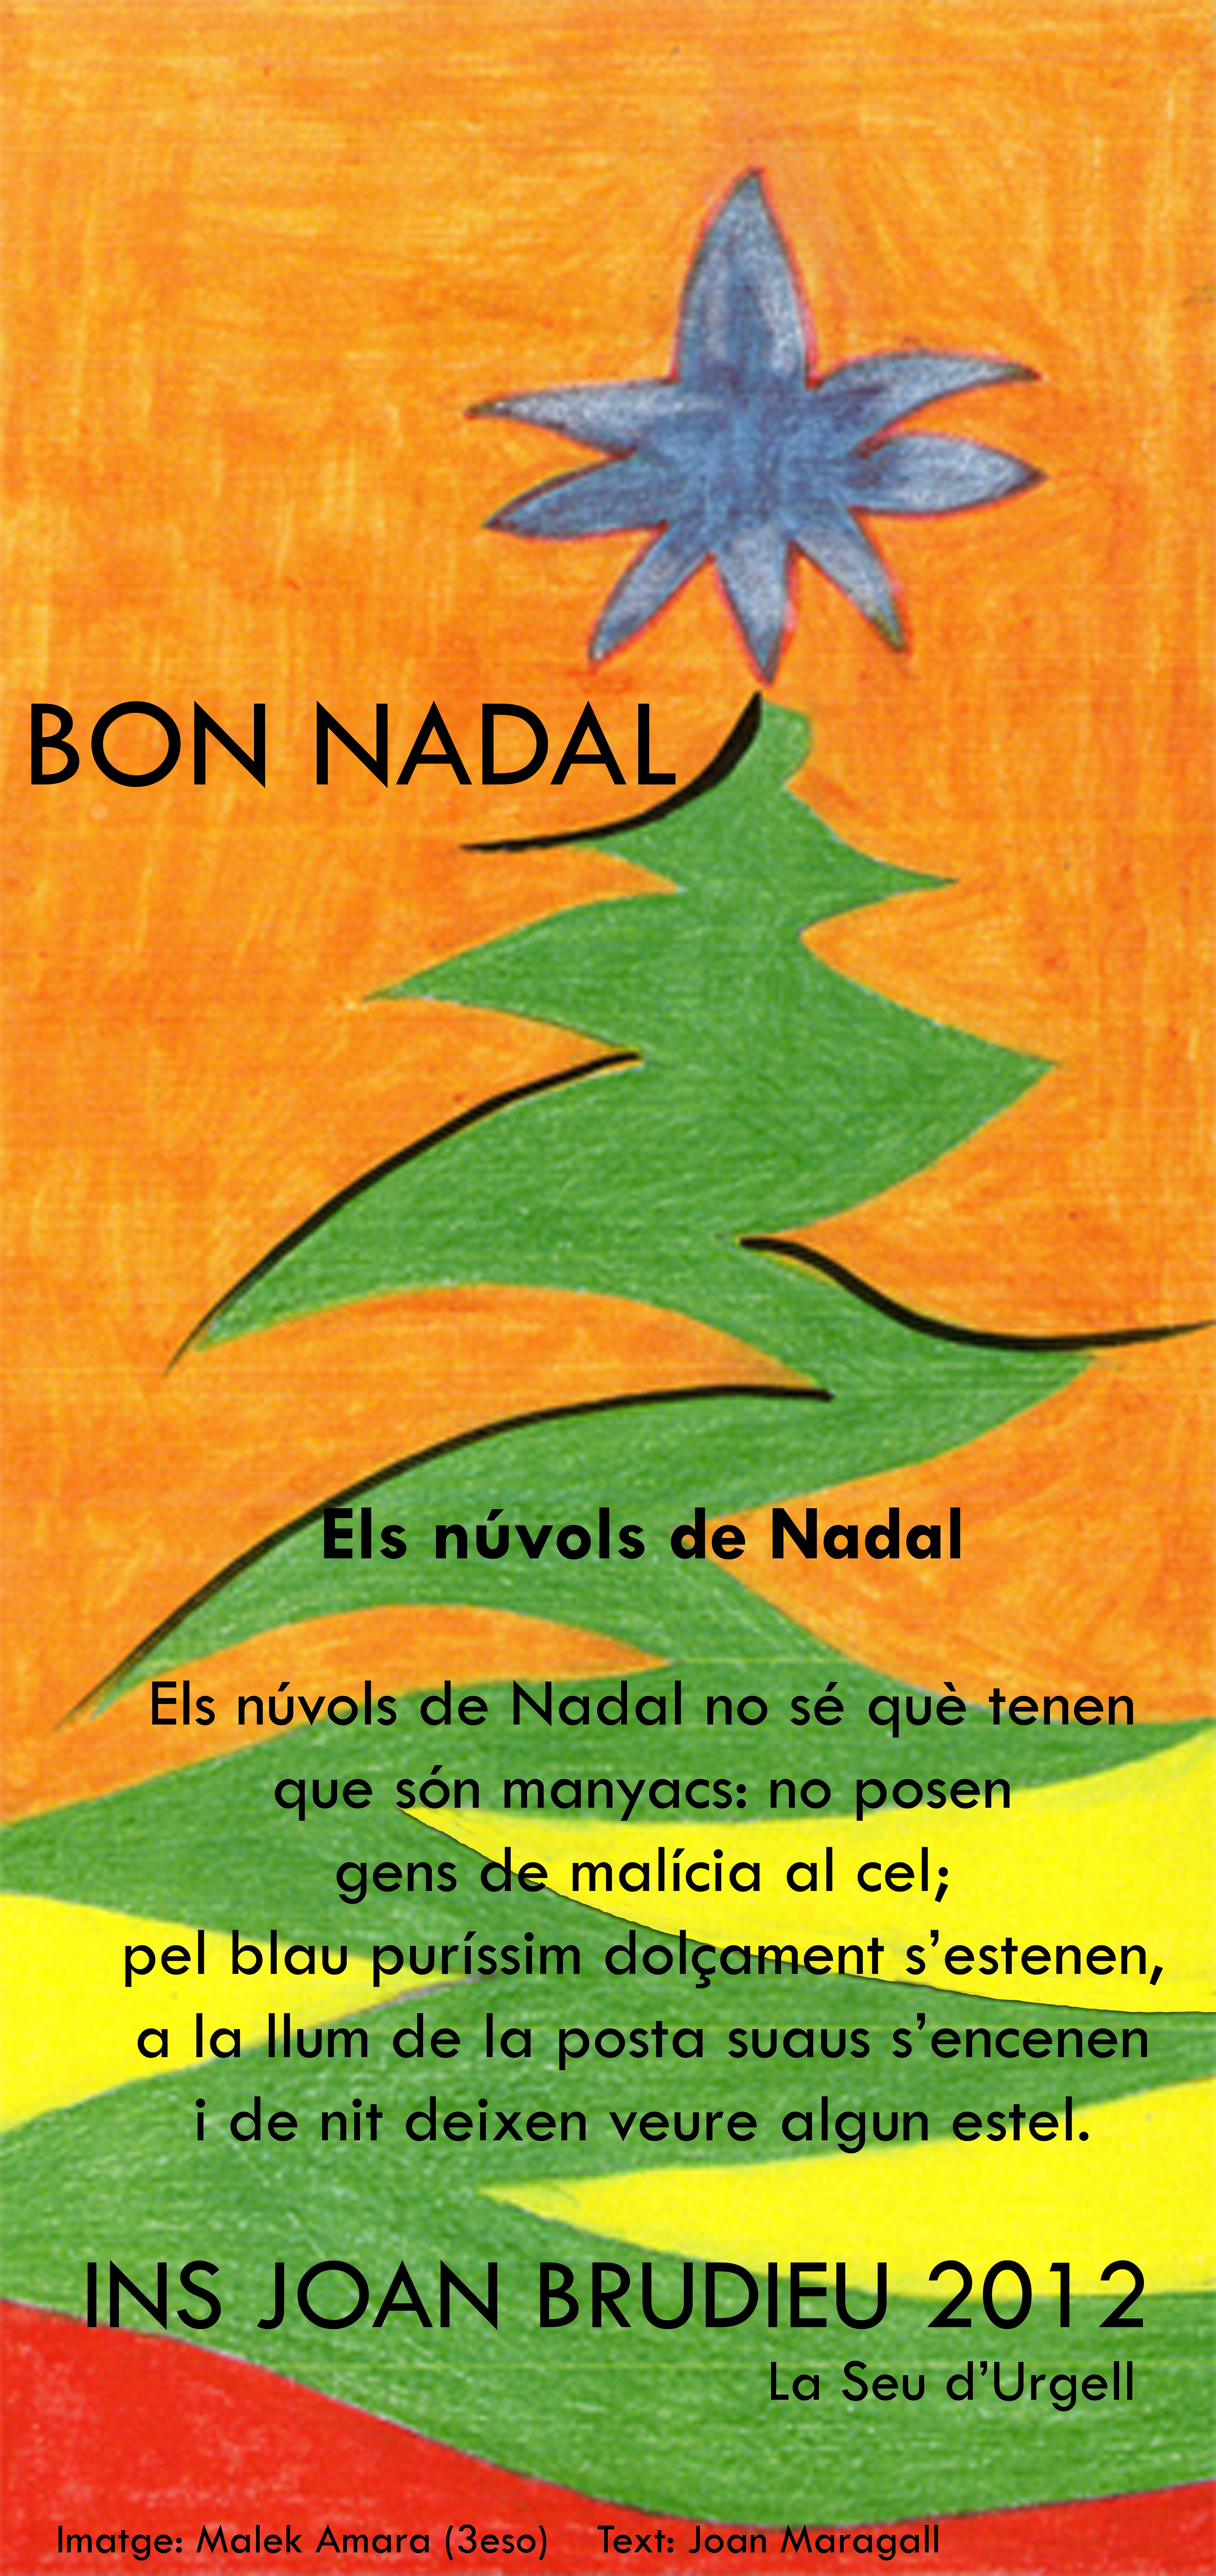 http://institutjoanbrudieu.cat/public/web_centre/html/documents/institut/curs/Nadala_2012_Institut_Joan_Brudieu.jpg